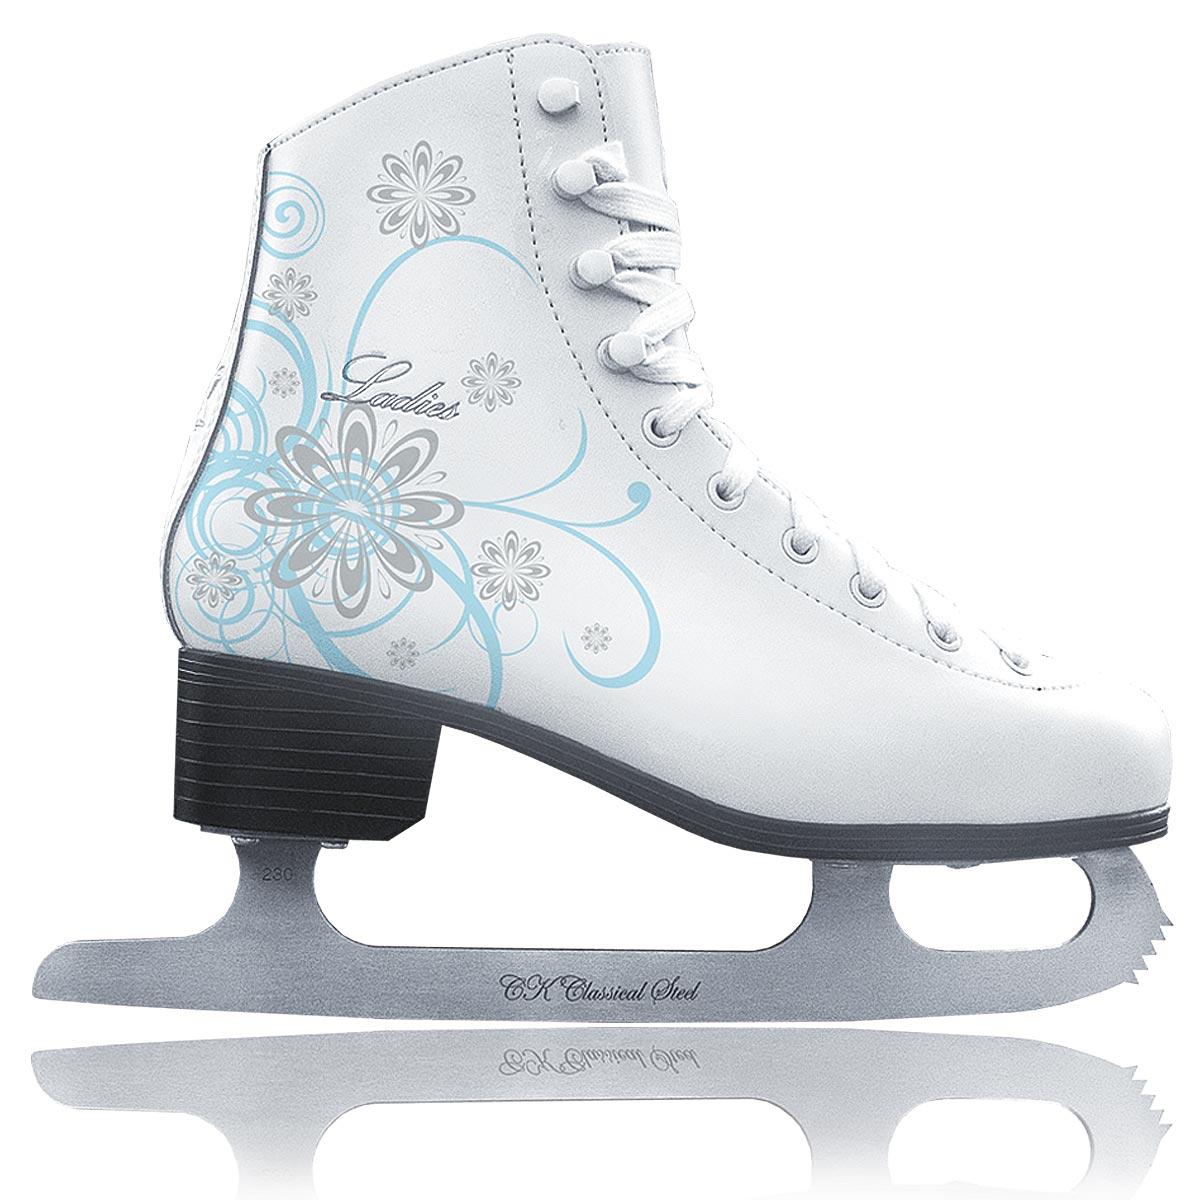 Коньки фигурные для девочки CK Ladies Velvet Classic, цвет: белый, голубой, серебряный. Размер 36